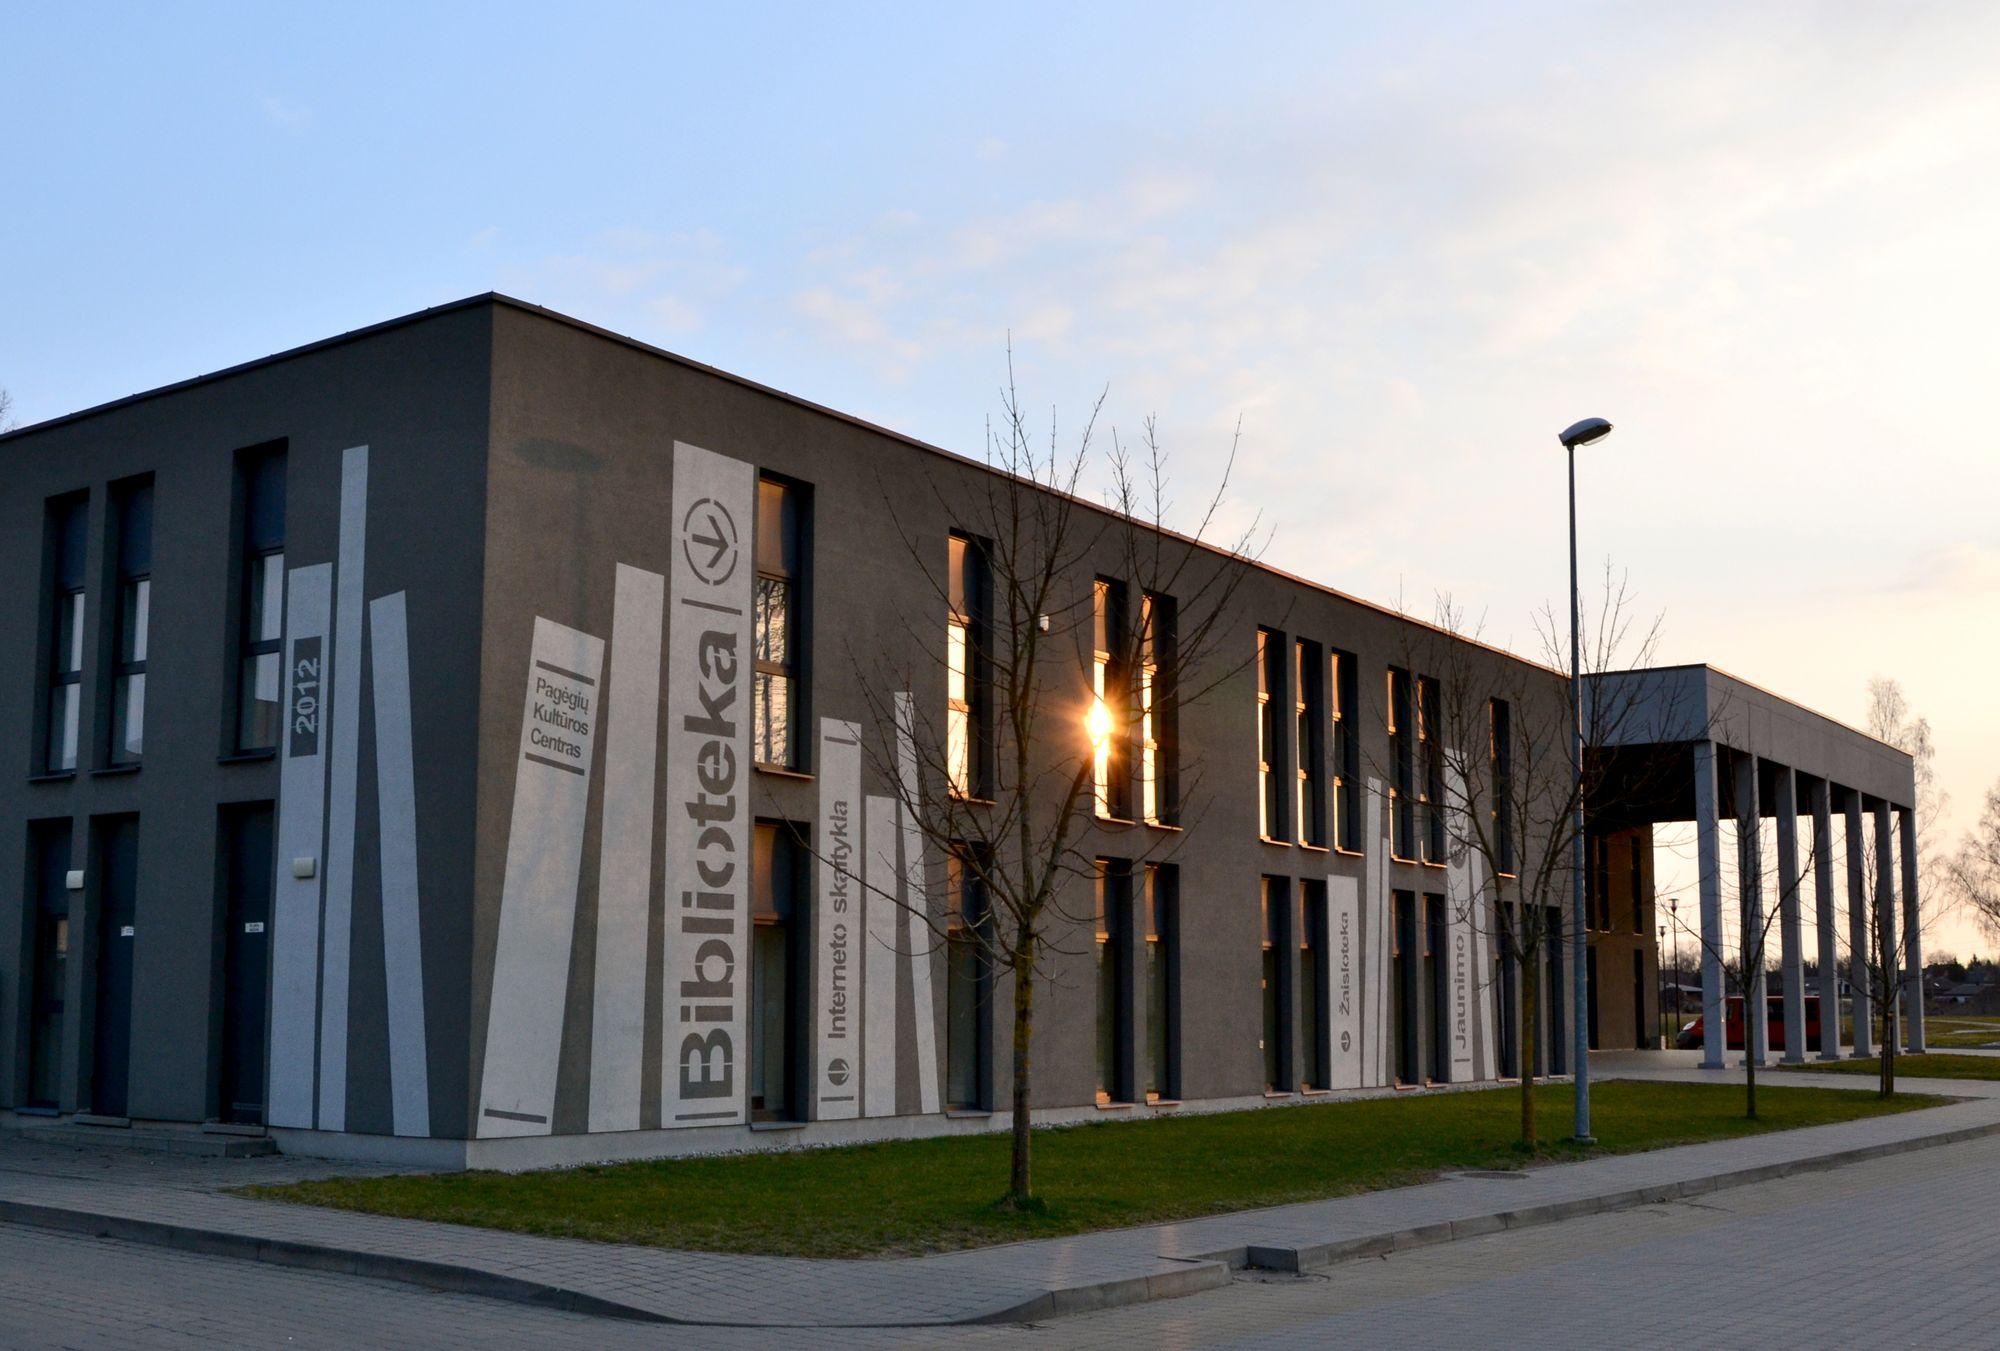 Pagėgių savivaldybės Vydūno viešoji biblioteka